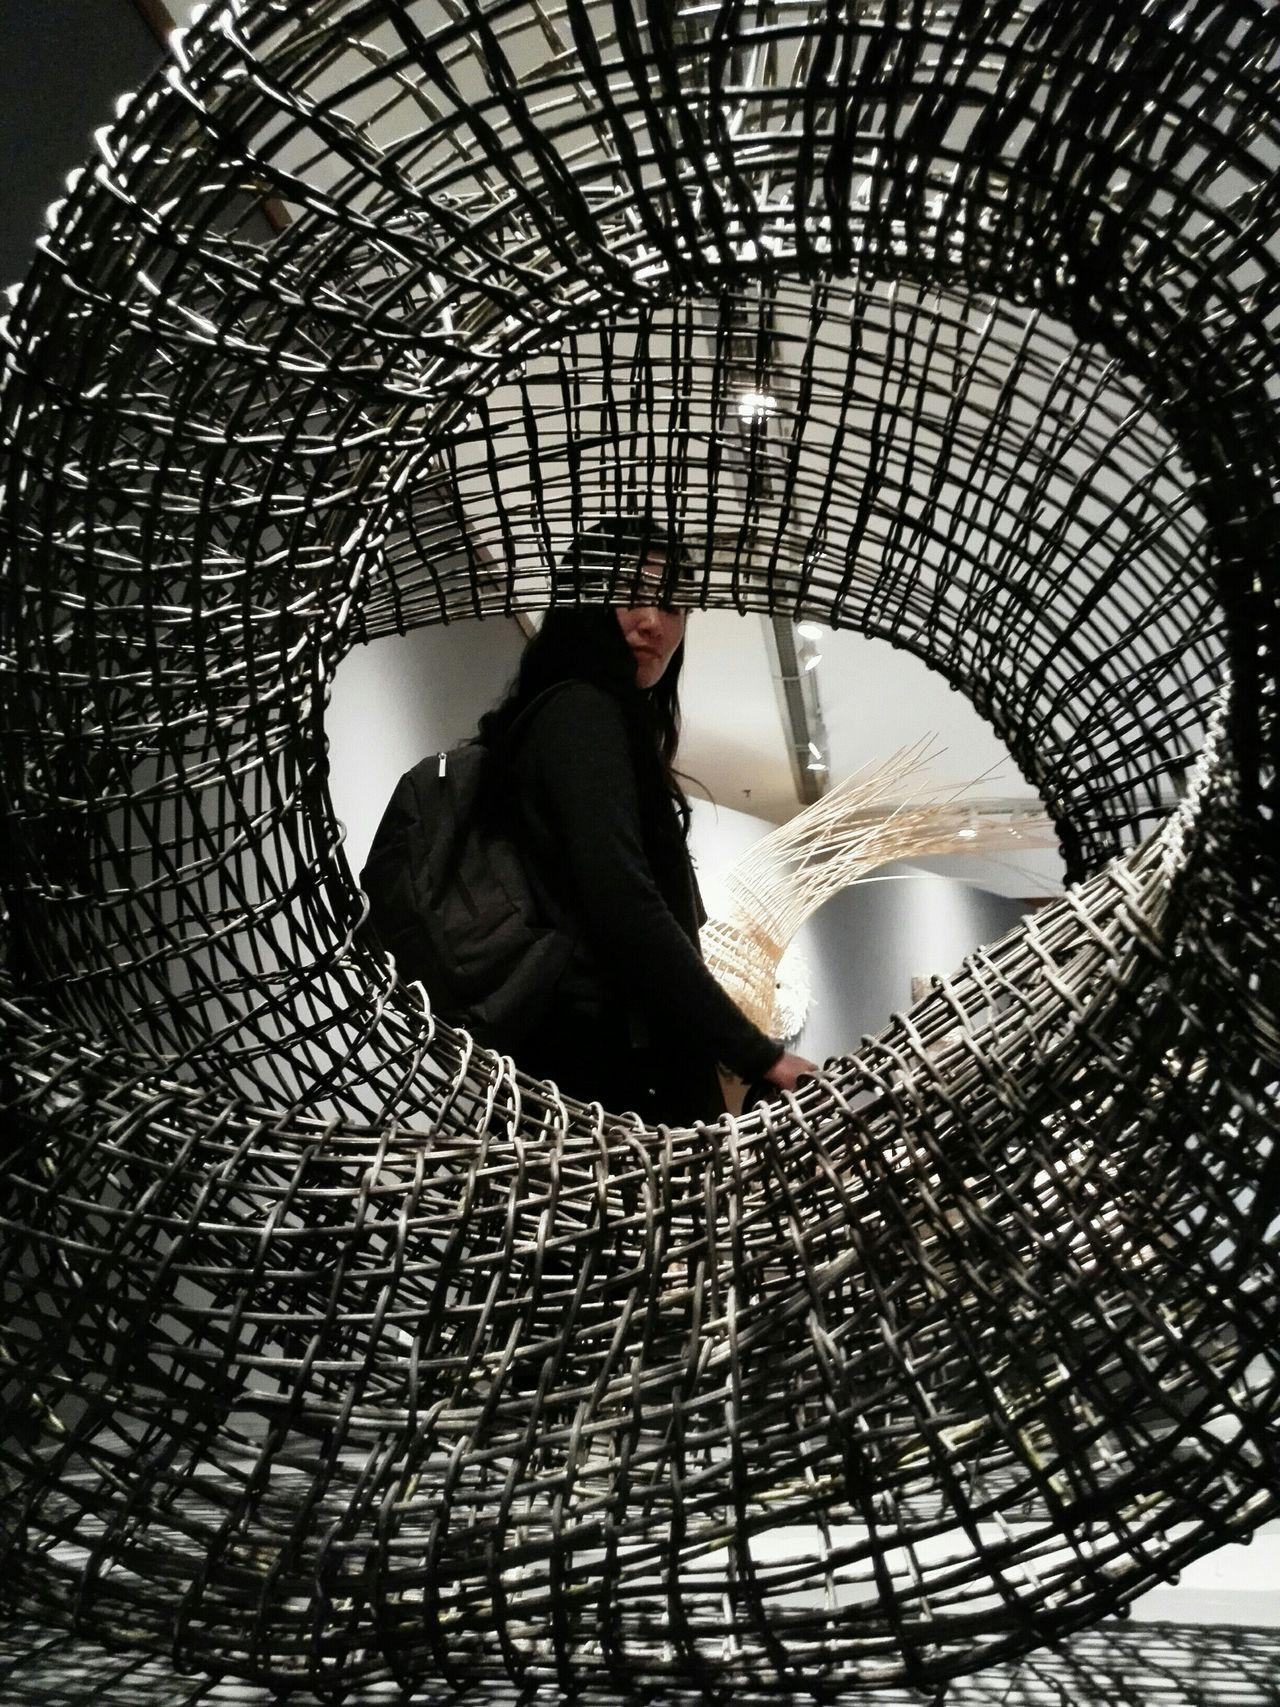 Spiral Mesh Crosshatching Wickerart Centered Middlefocus Twisted Woven Art Museum